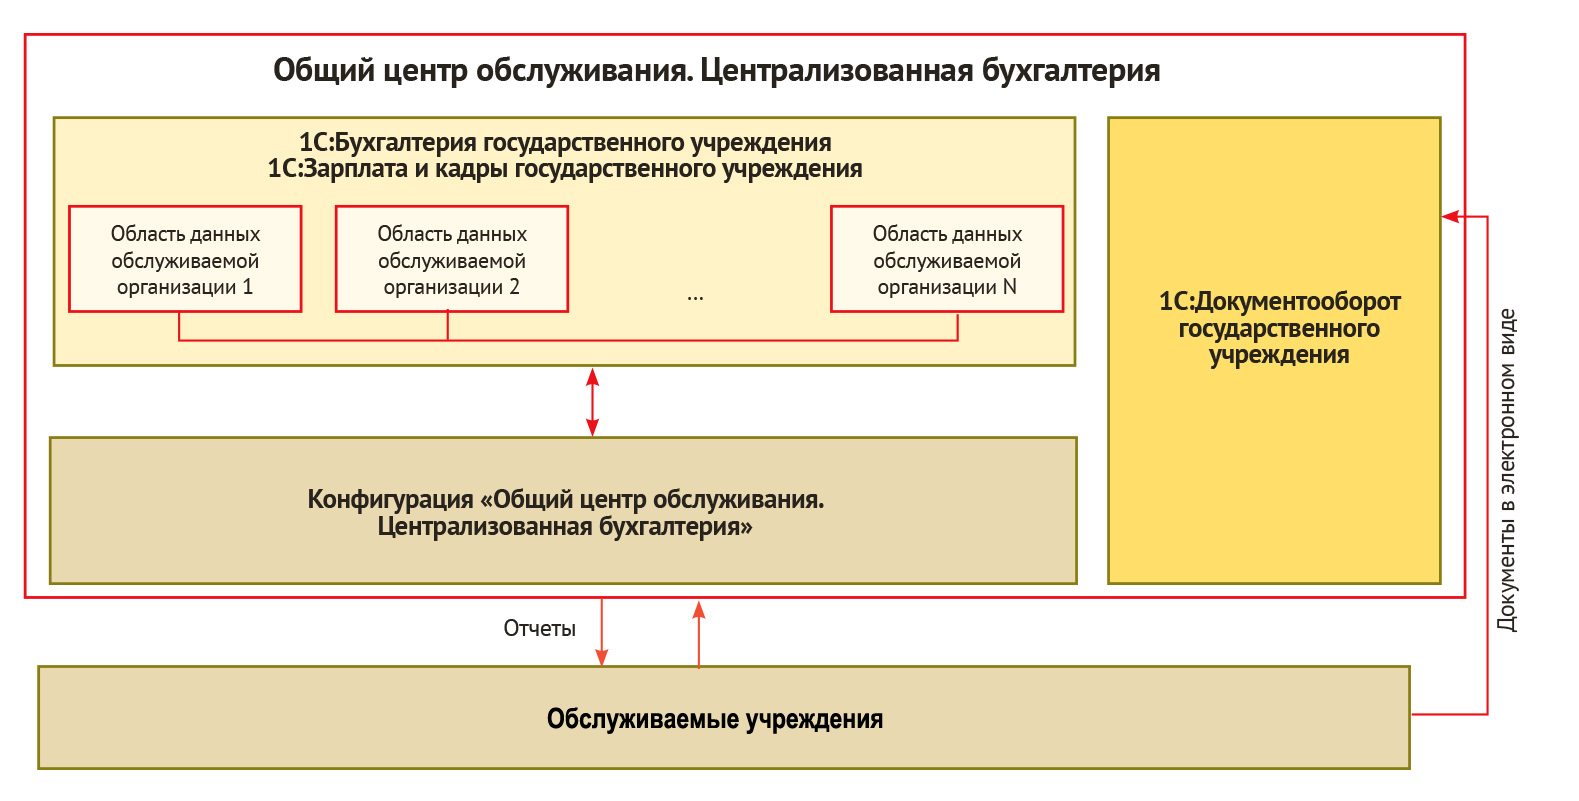 Централизация бухгалтерии пересортица в 1с 8.2 бухгалтерия проводки